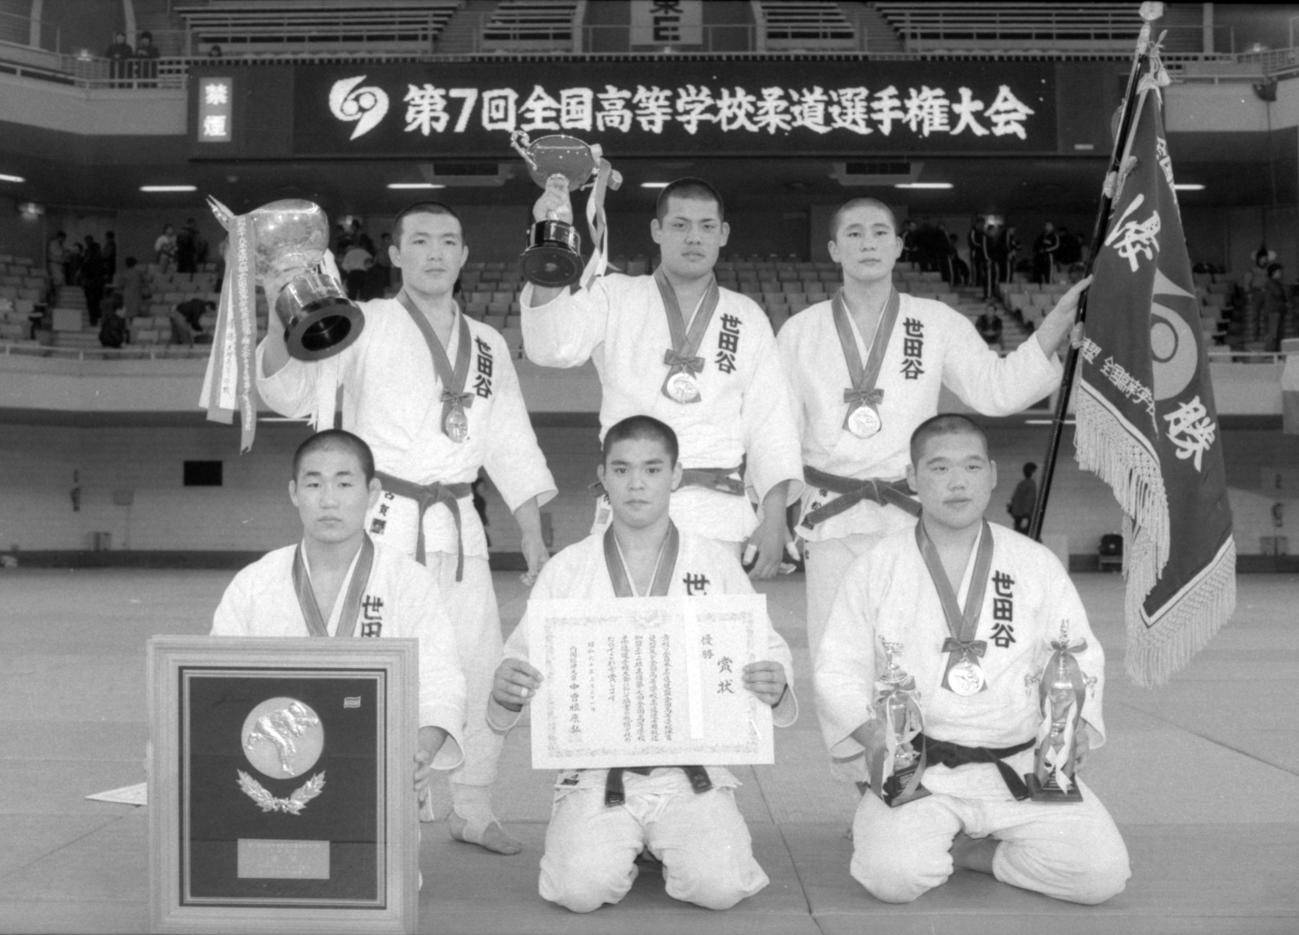 85年3月21日、初の高校柔道日本一に輝いた世田谷学園高、後列左端が副将を務め大活躍した2年の古賀稔彦さん